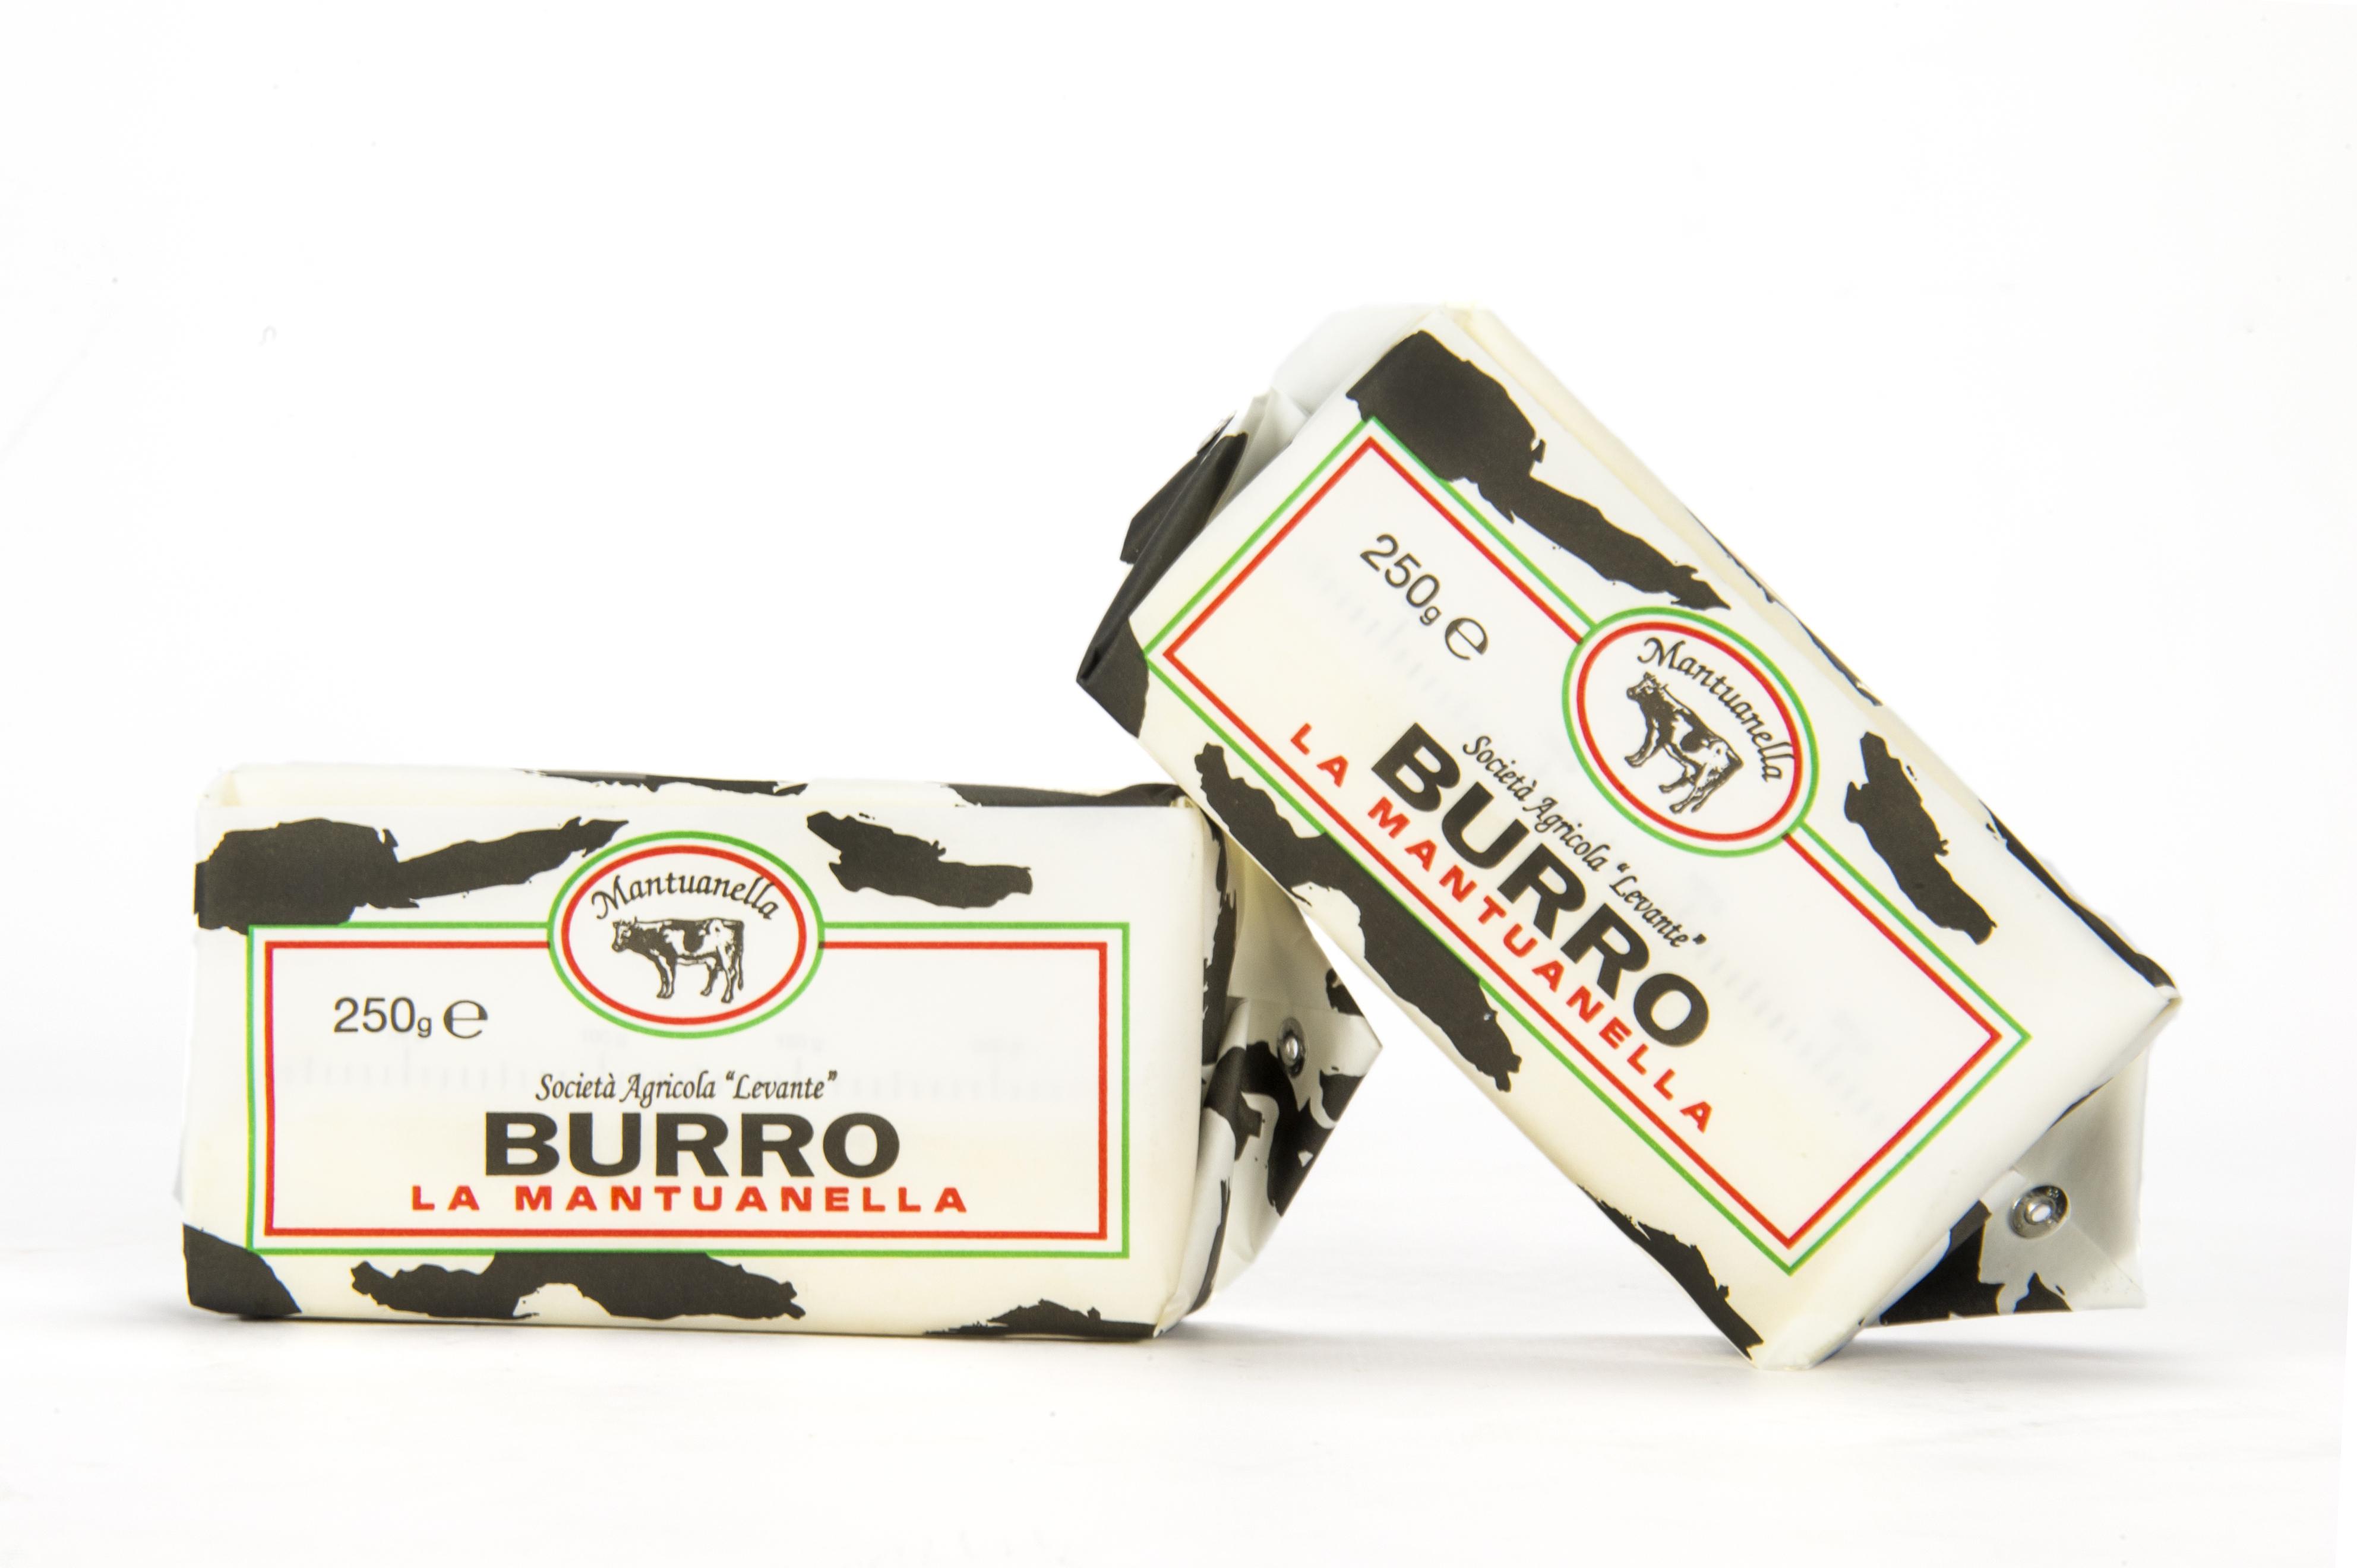 BURRO MANTUANELLA 250 gr